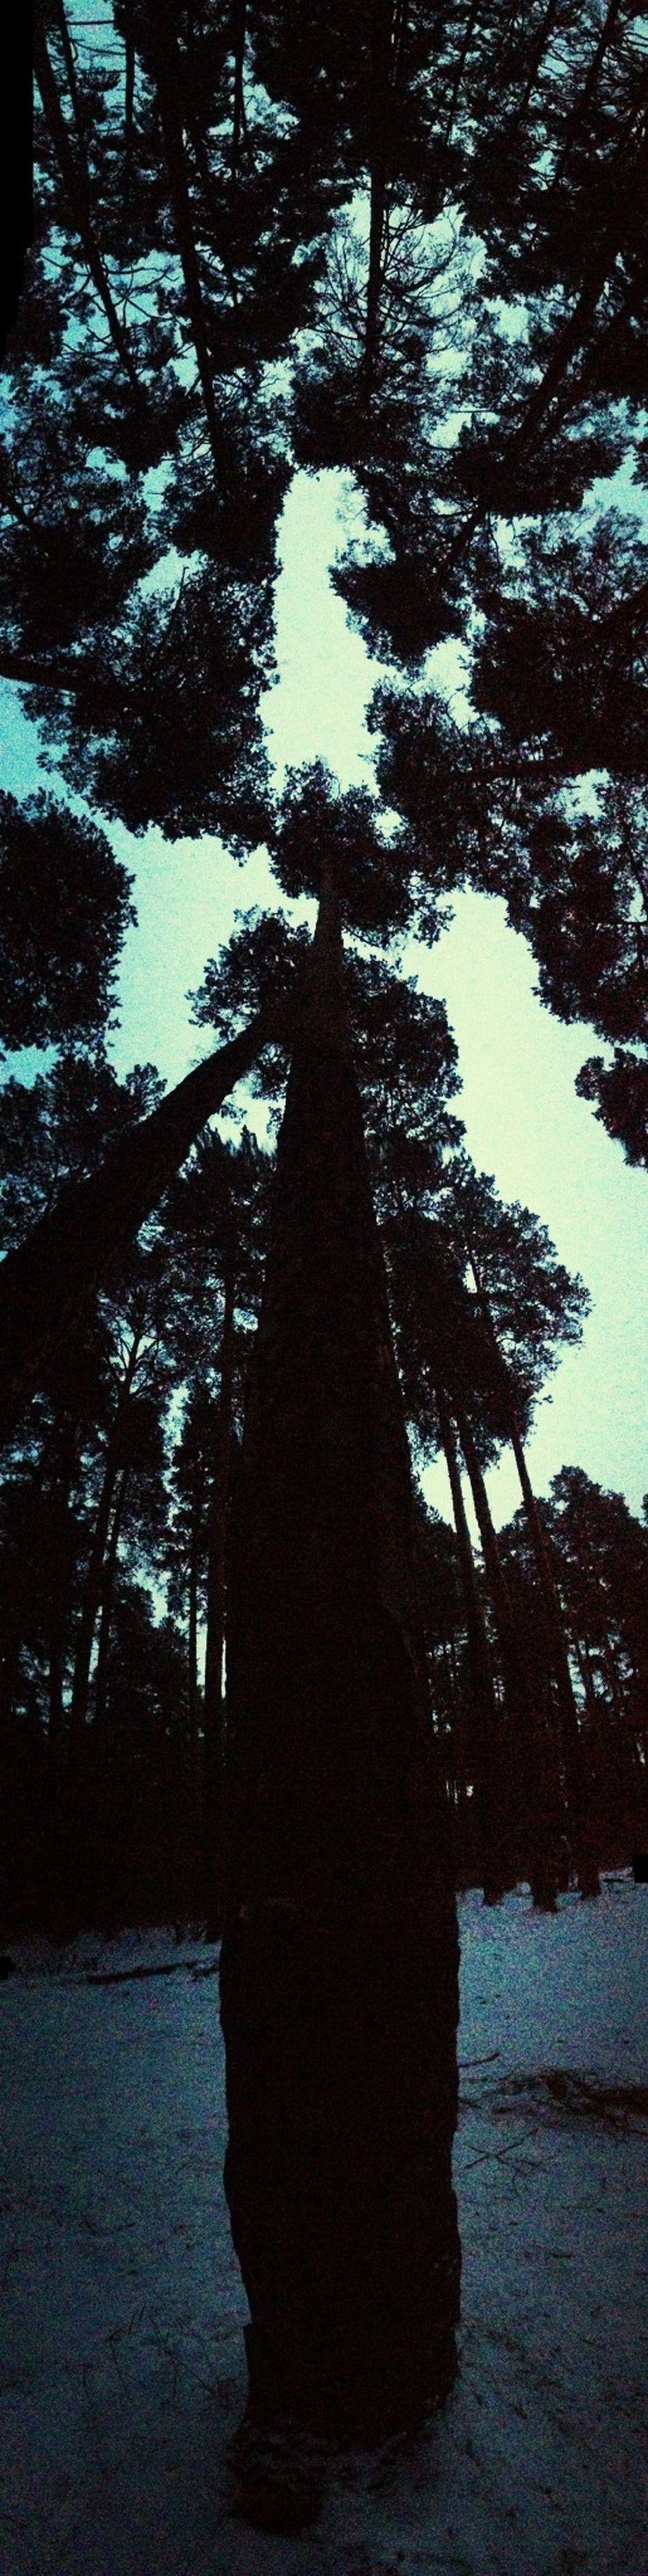 парк небо в екатеринбурге дерево